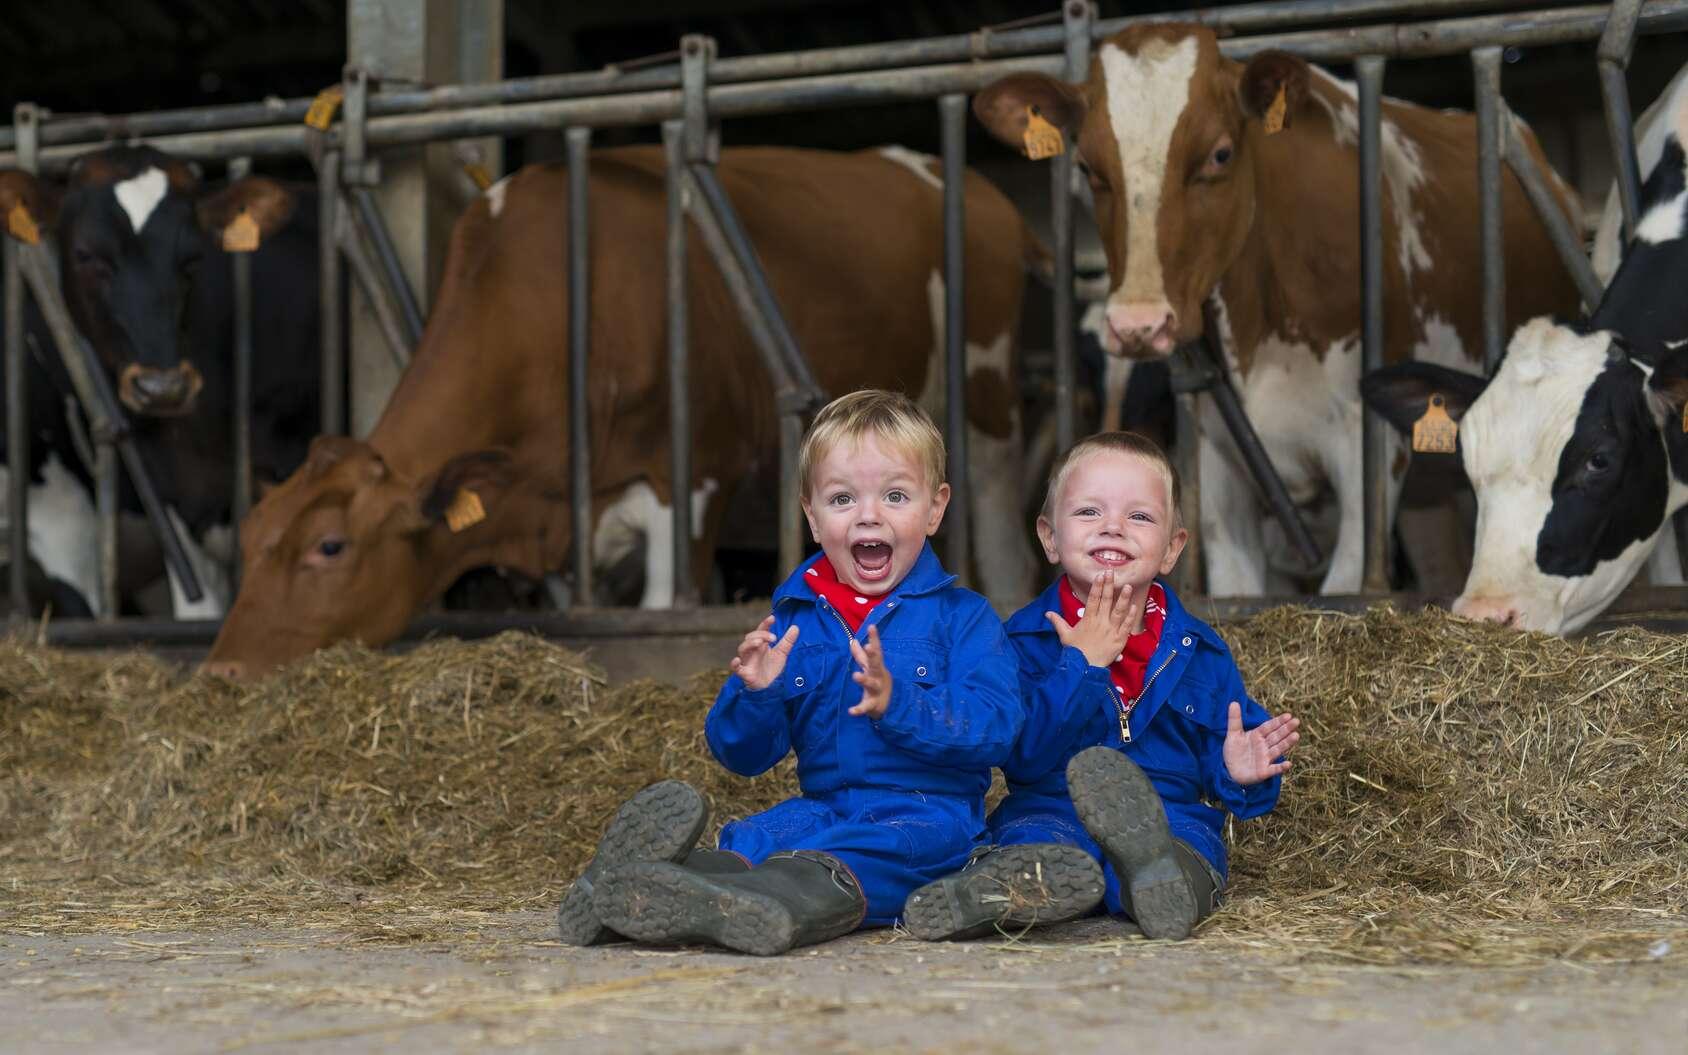 Au contact de certains animaux, comme les vaches et les chats, les humains produiraient des anticorps, améliorant l'efficacité du système immunitaire. © sges, Fotolia